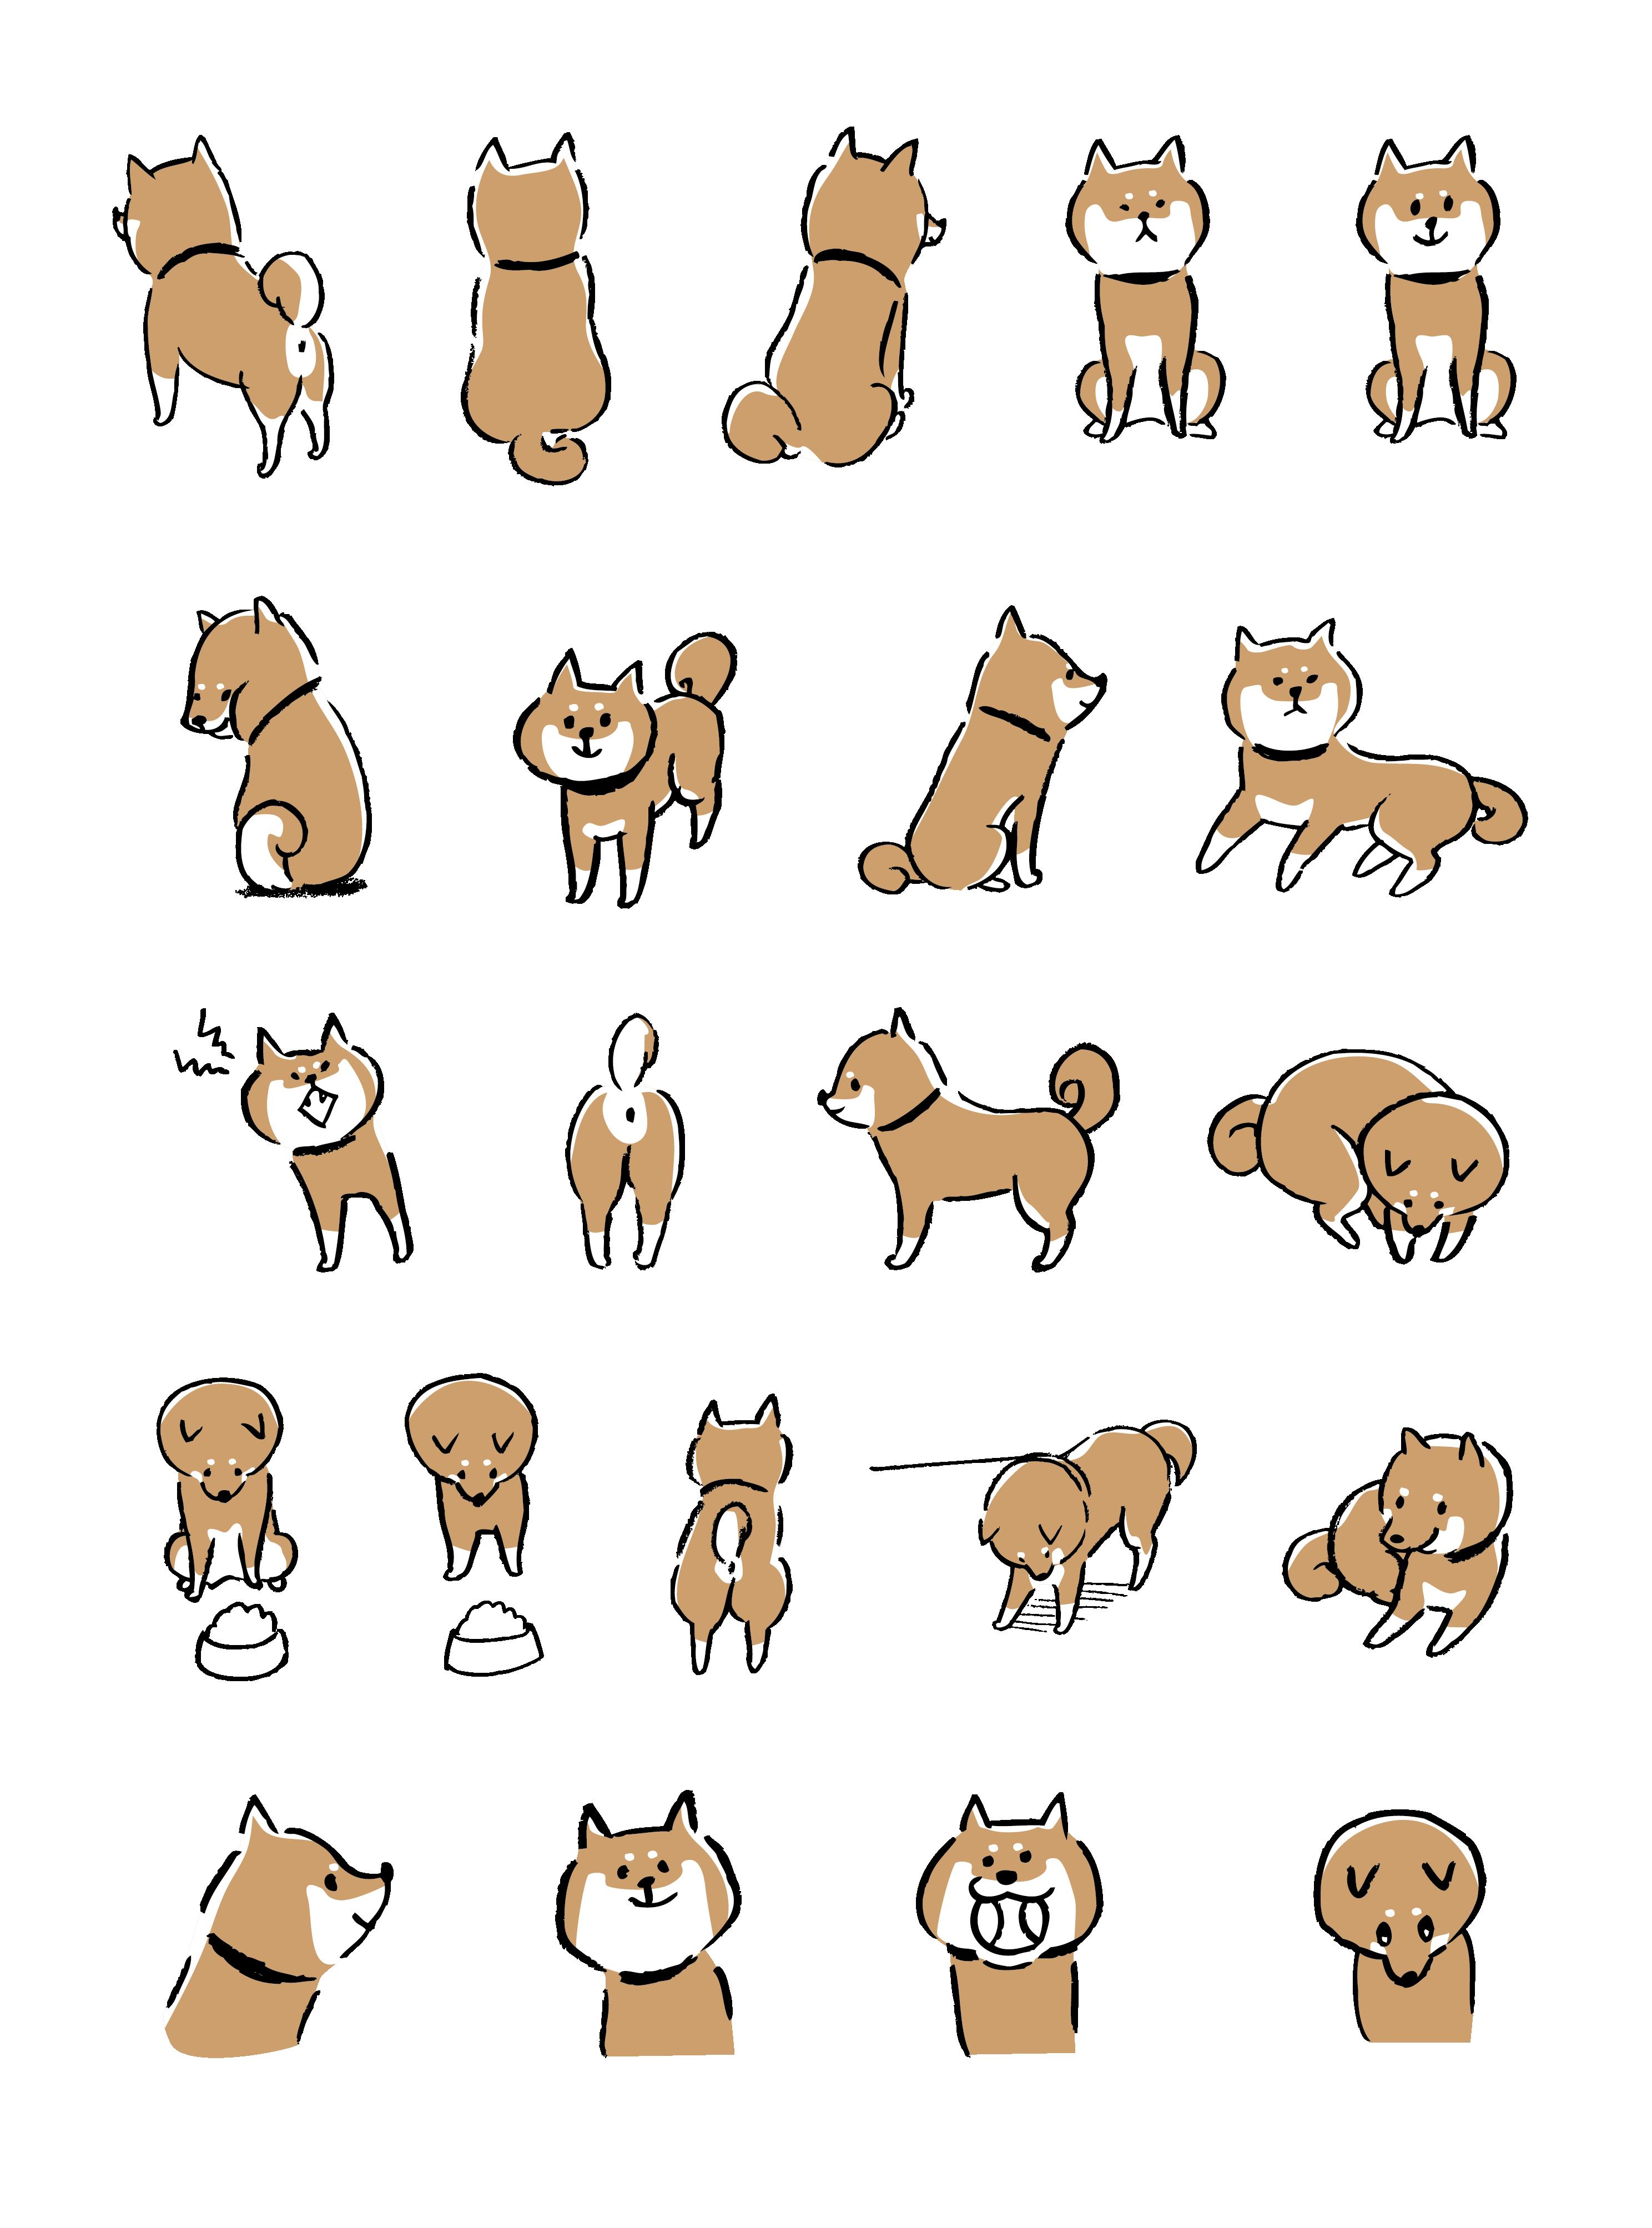 Illustrator 柴犬イラスト 柴犬 イラスト かわいい 犬 イラスト かわいい かわいい イラスト 手書き